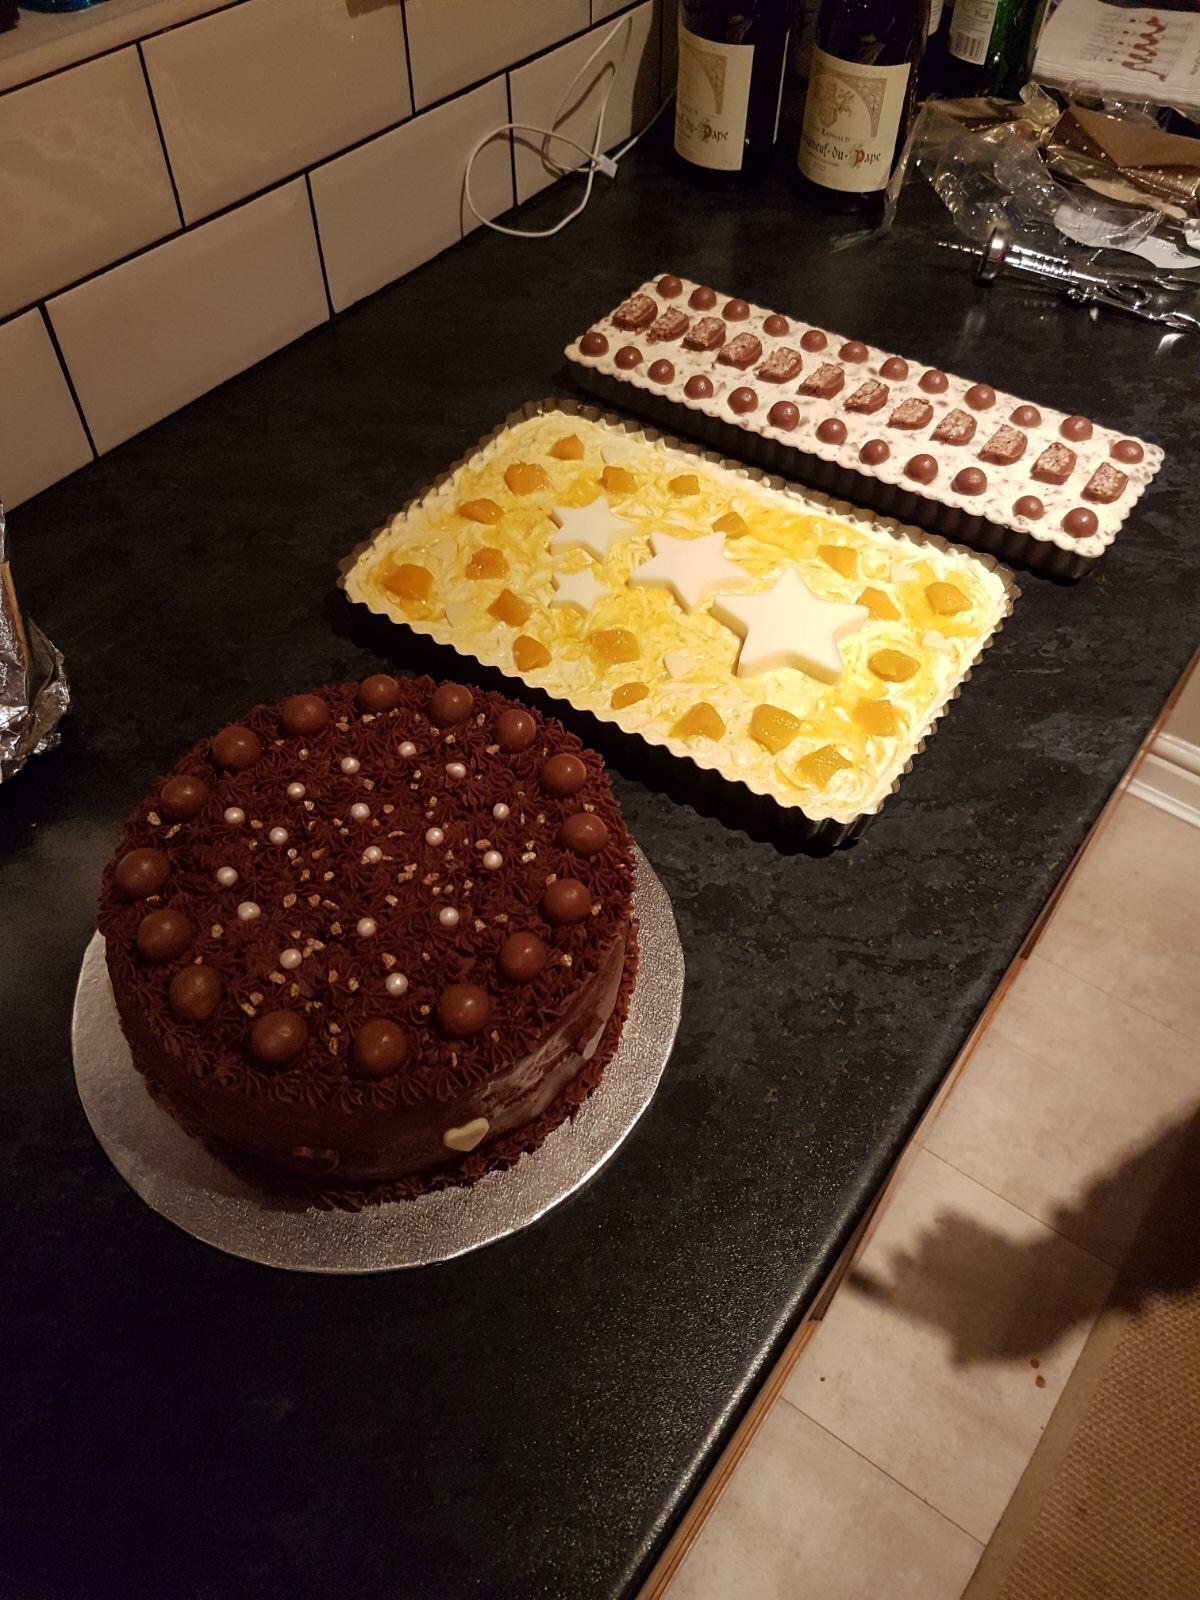 Chocolate sponge white chocolates and mango cheesecake